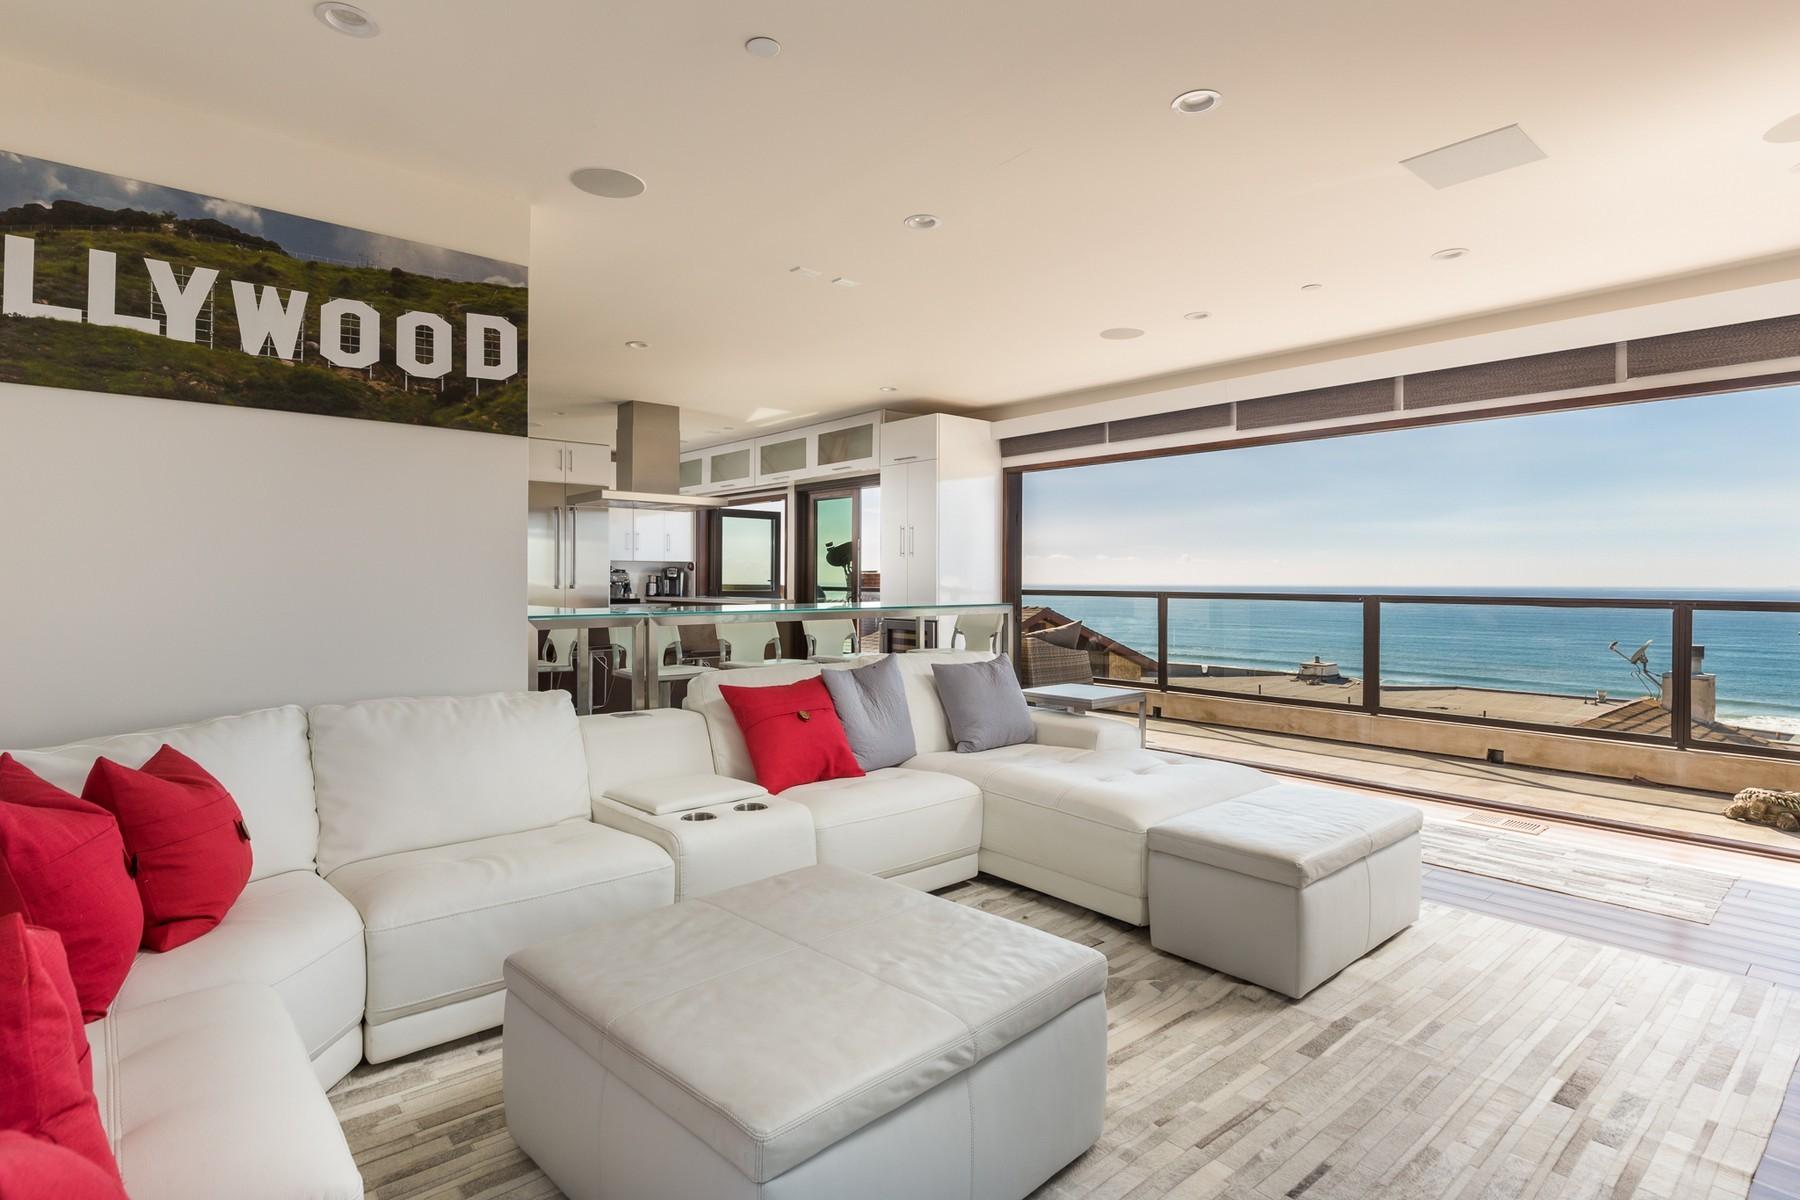 独户住宅 为 销售 在 232 30th Pl 曼哈顿海滩, 加利福尼亚州, 90266 美国